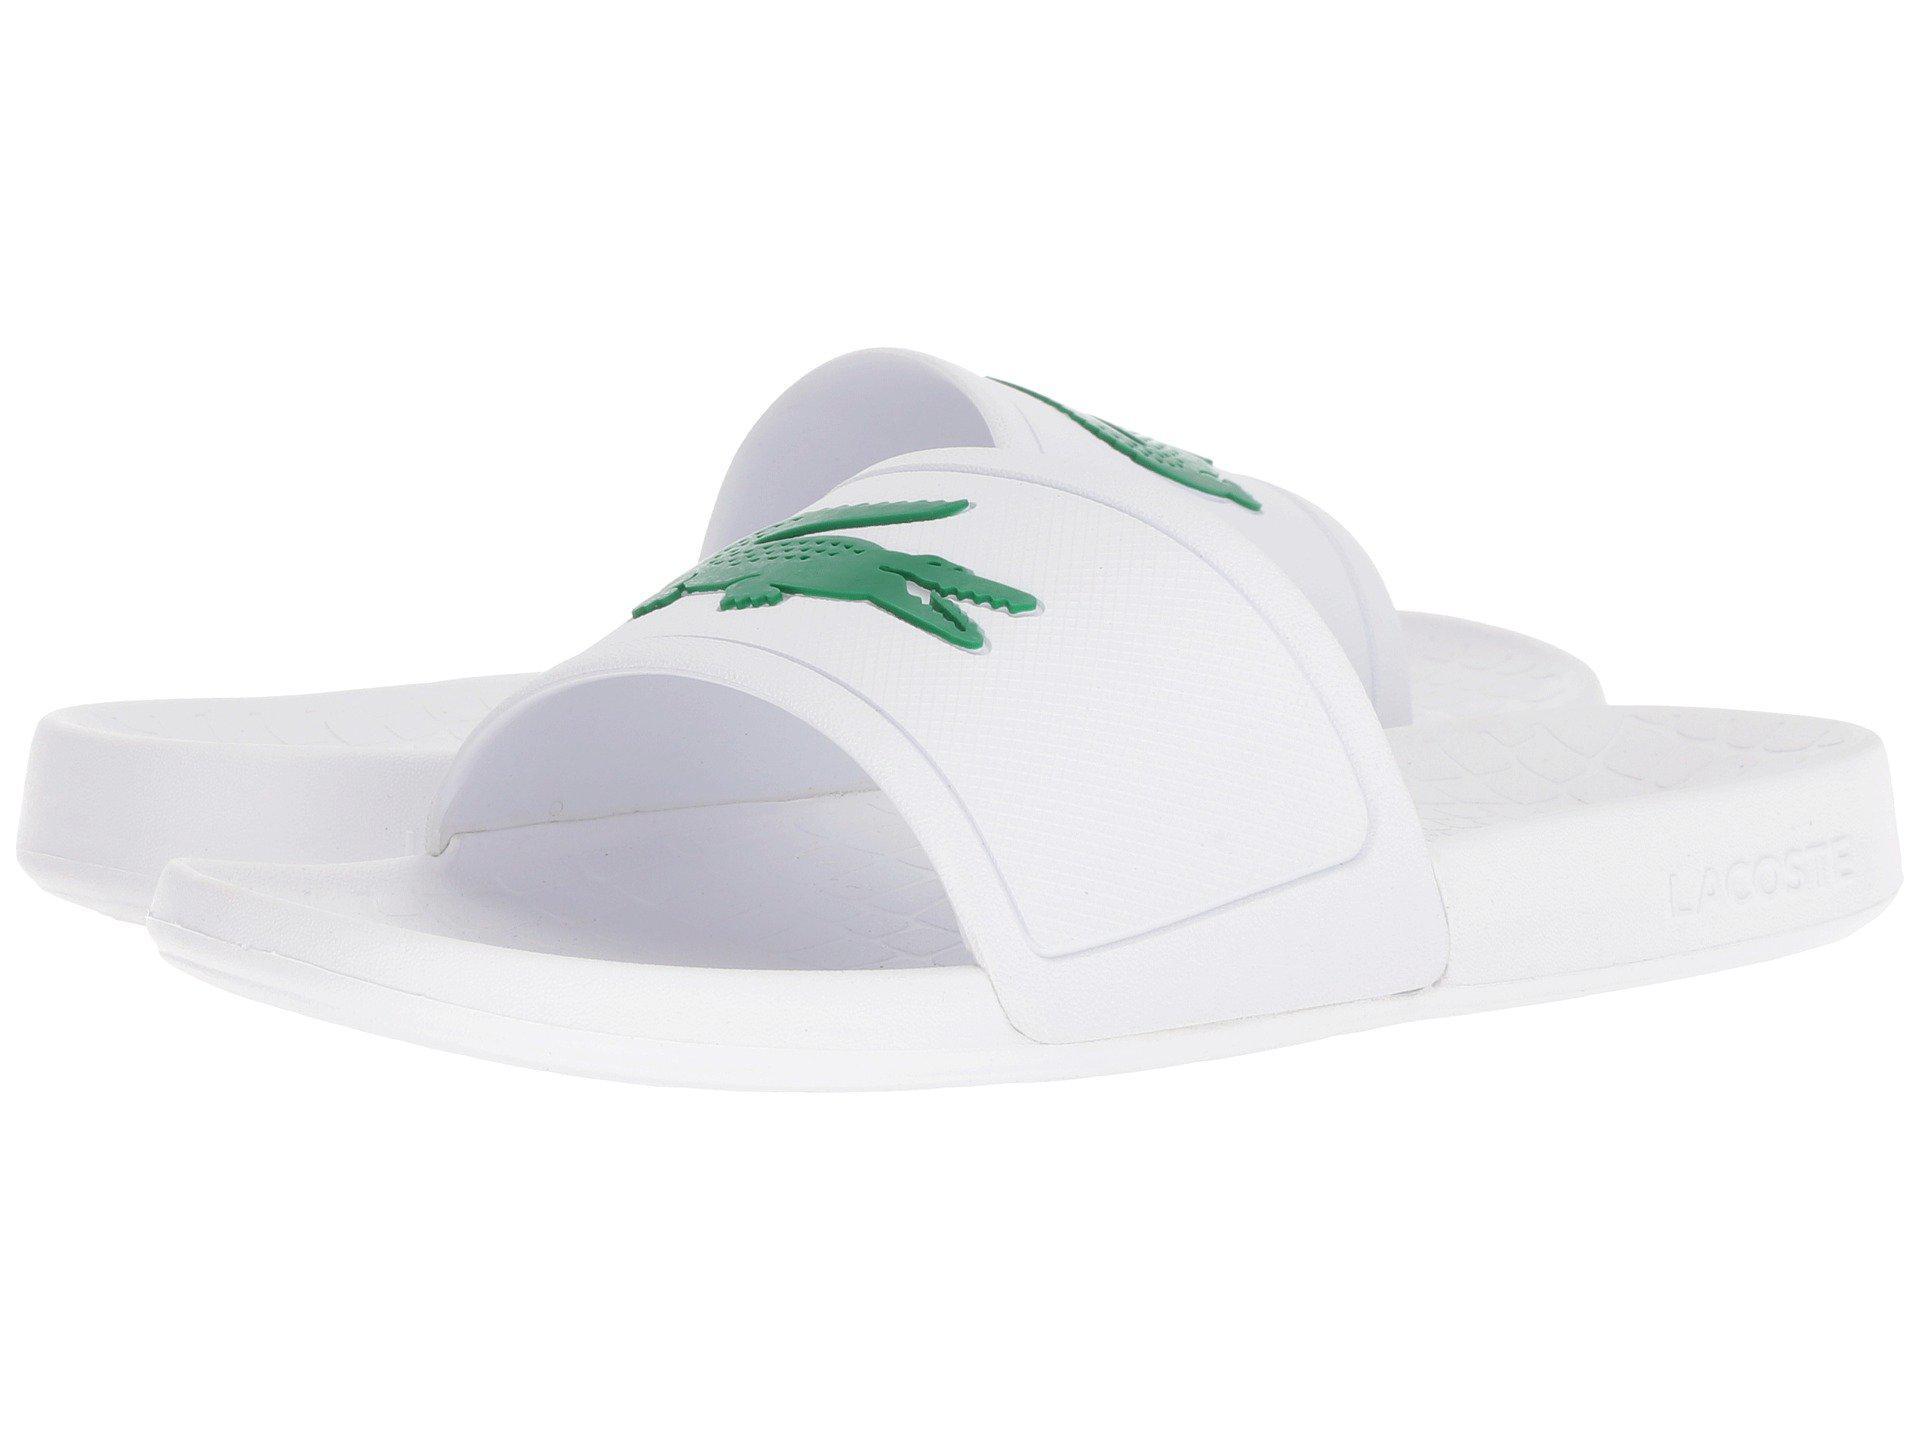 6c903723f425 Lyst - Lacoste Fraisier 318 1 P (white green) Men s Shoes in White ...